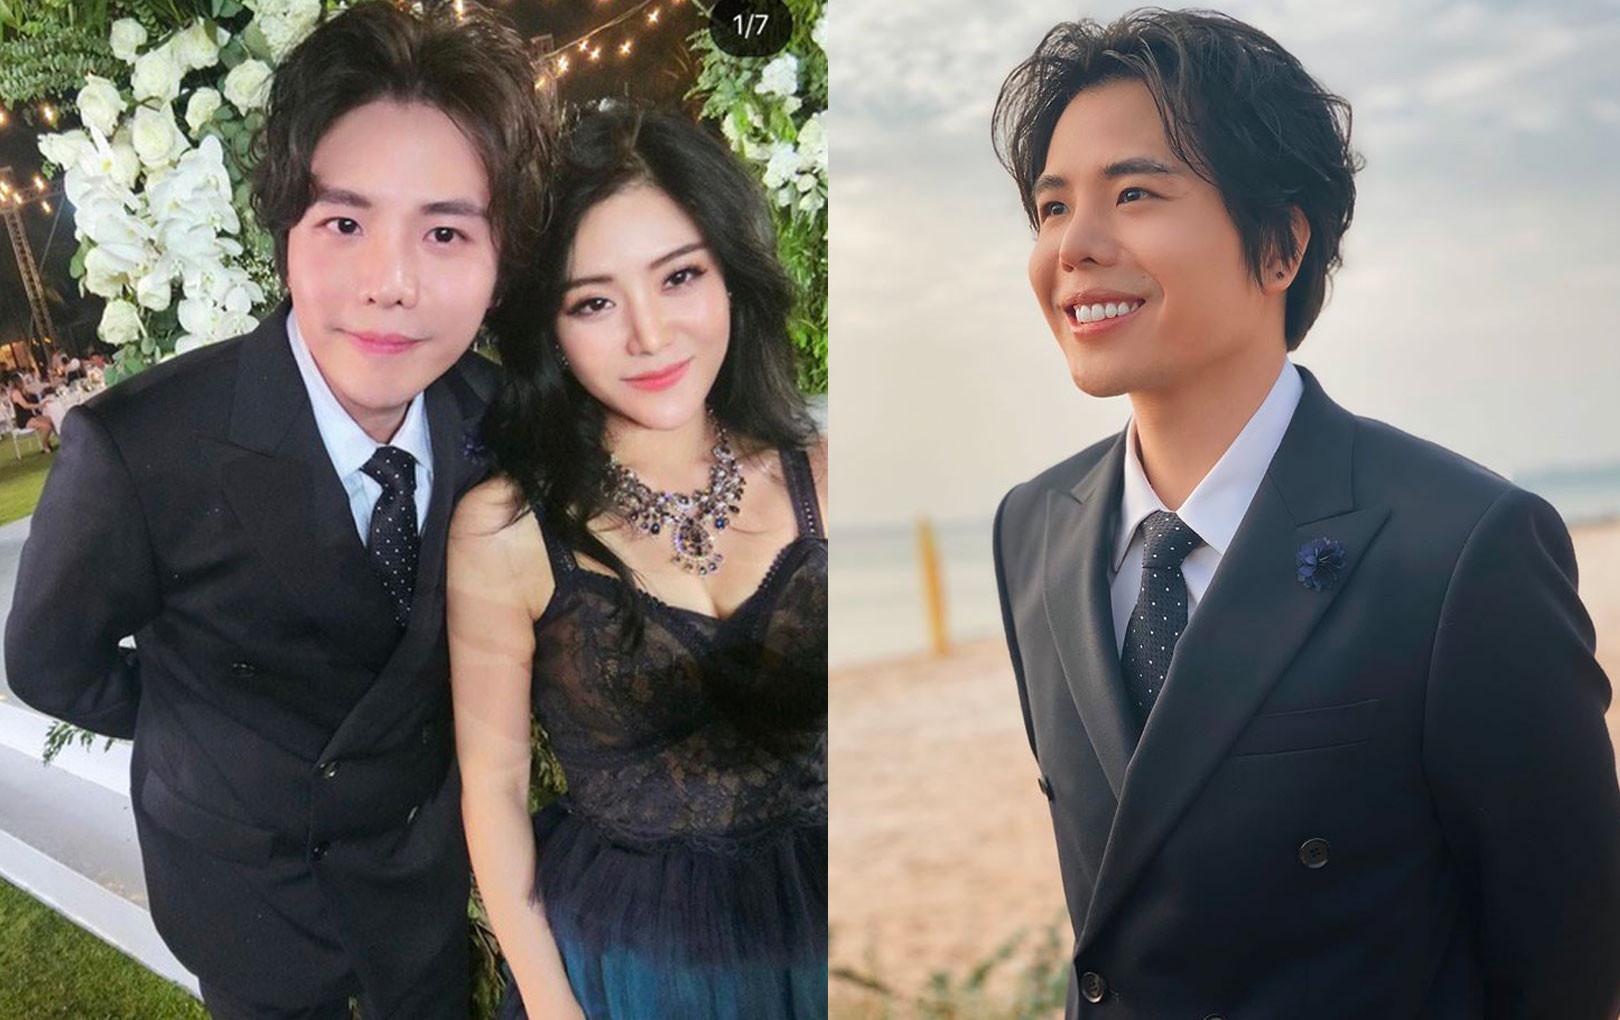 CĐM tích cực ghép đôi Trịnh Thăng Bình cùng em gái Ông Cao Thắng sau khi thông báo chia tay Liz Kim Cương